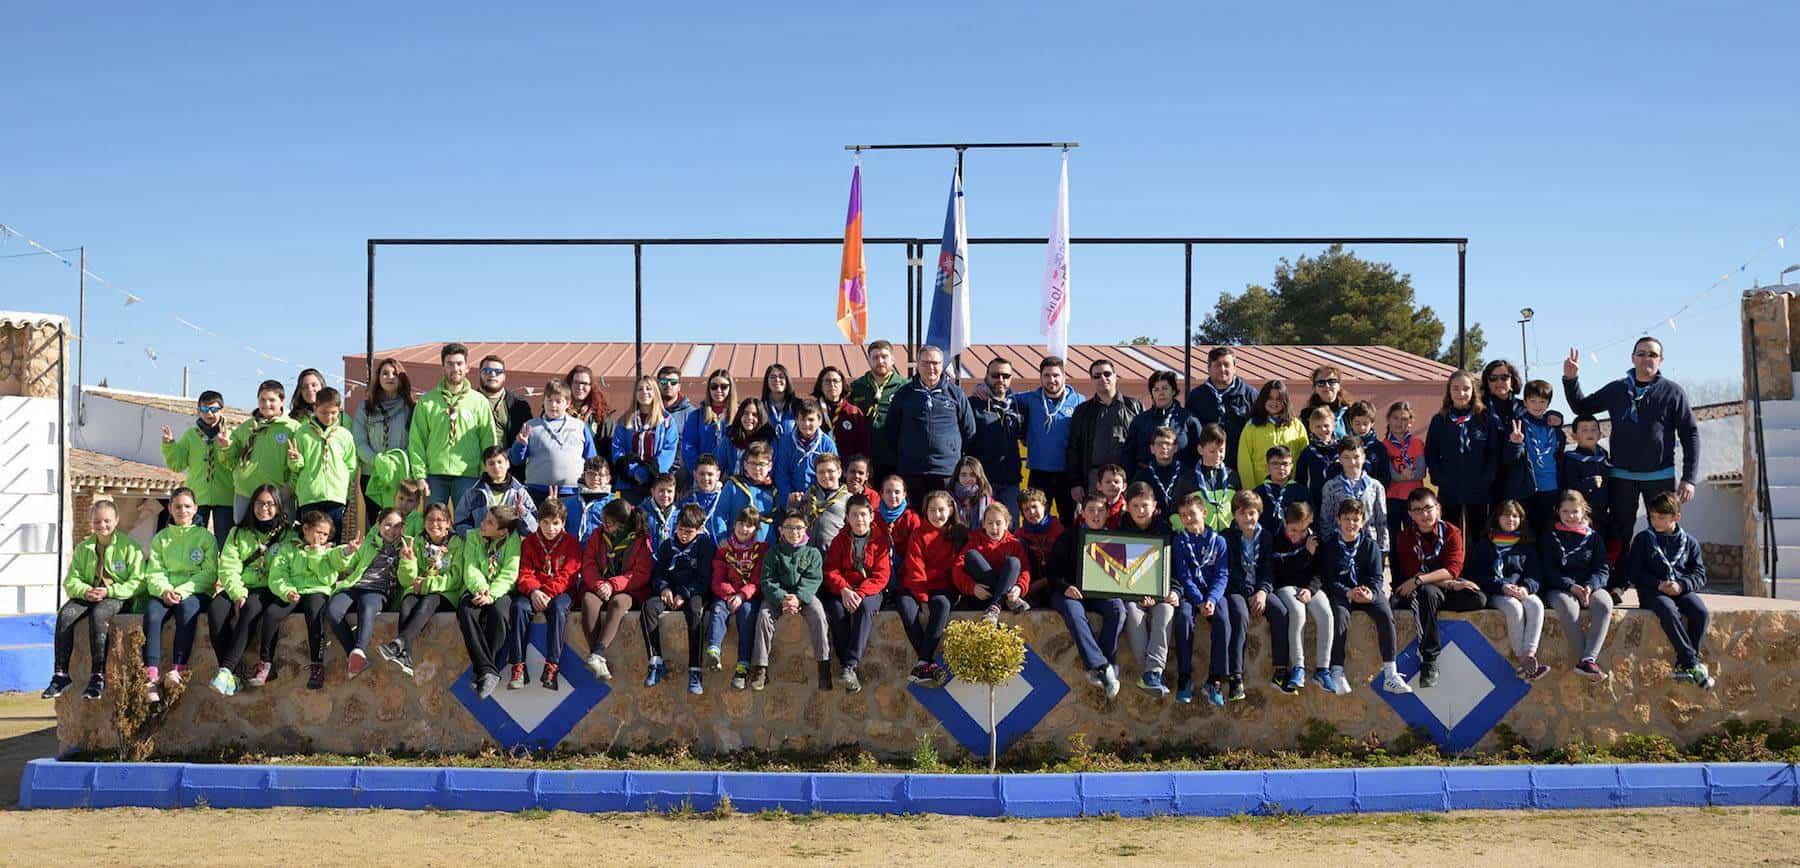 20180224 Encuentro de scout03 AdeAlba - Scouts de Herencia presentes en el Interlobatos 2018 en Argamasilla de Alba